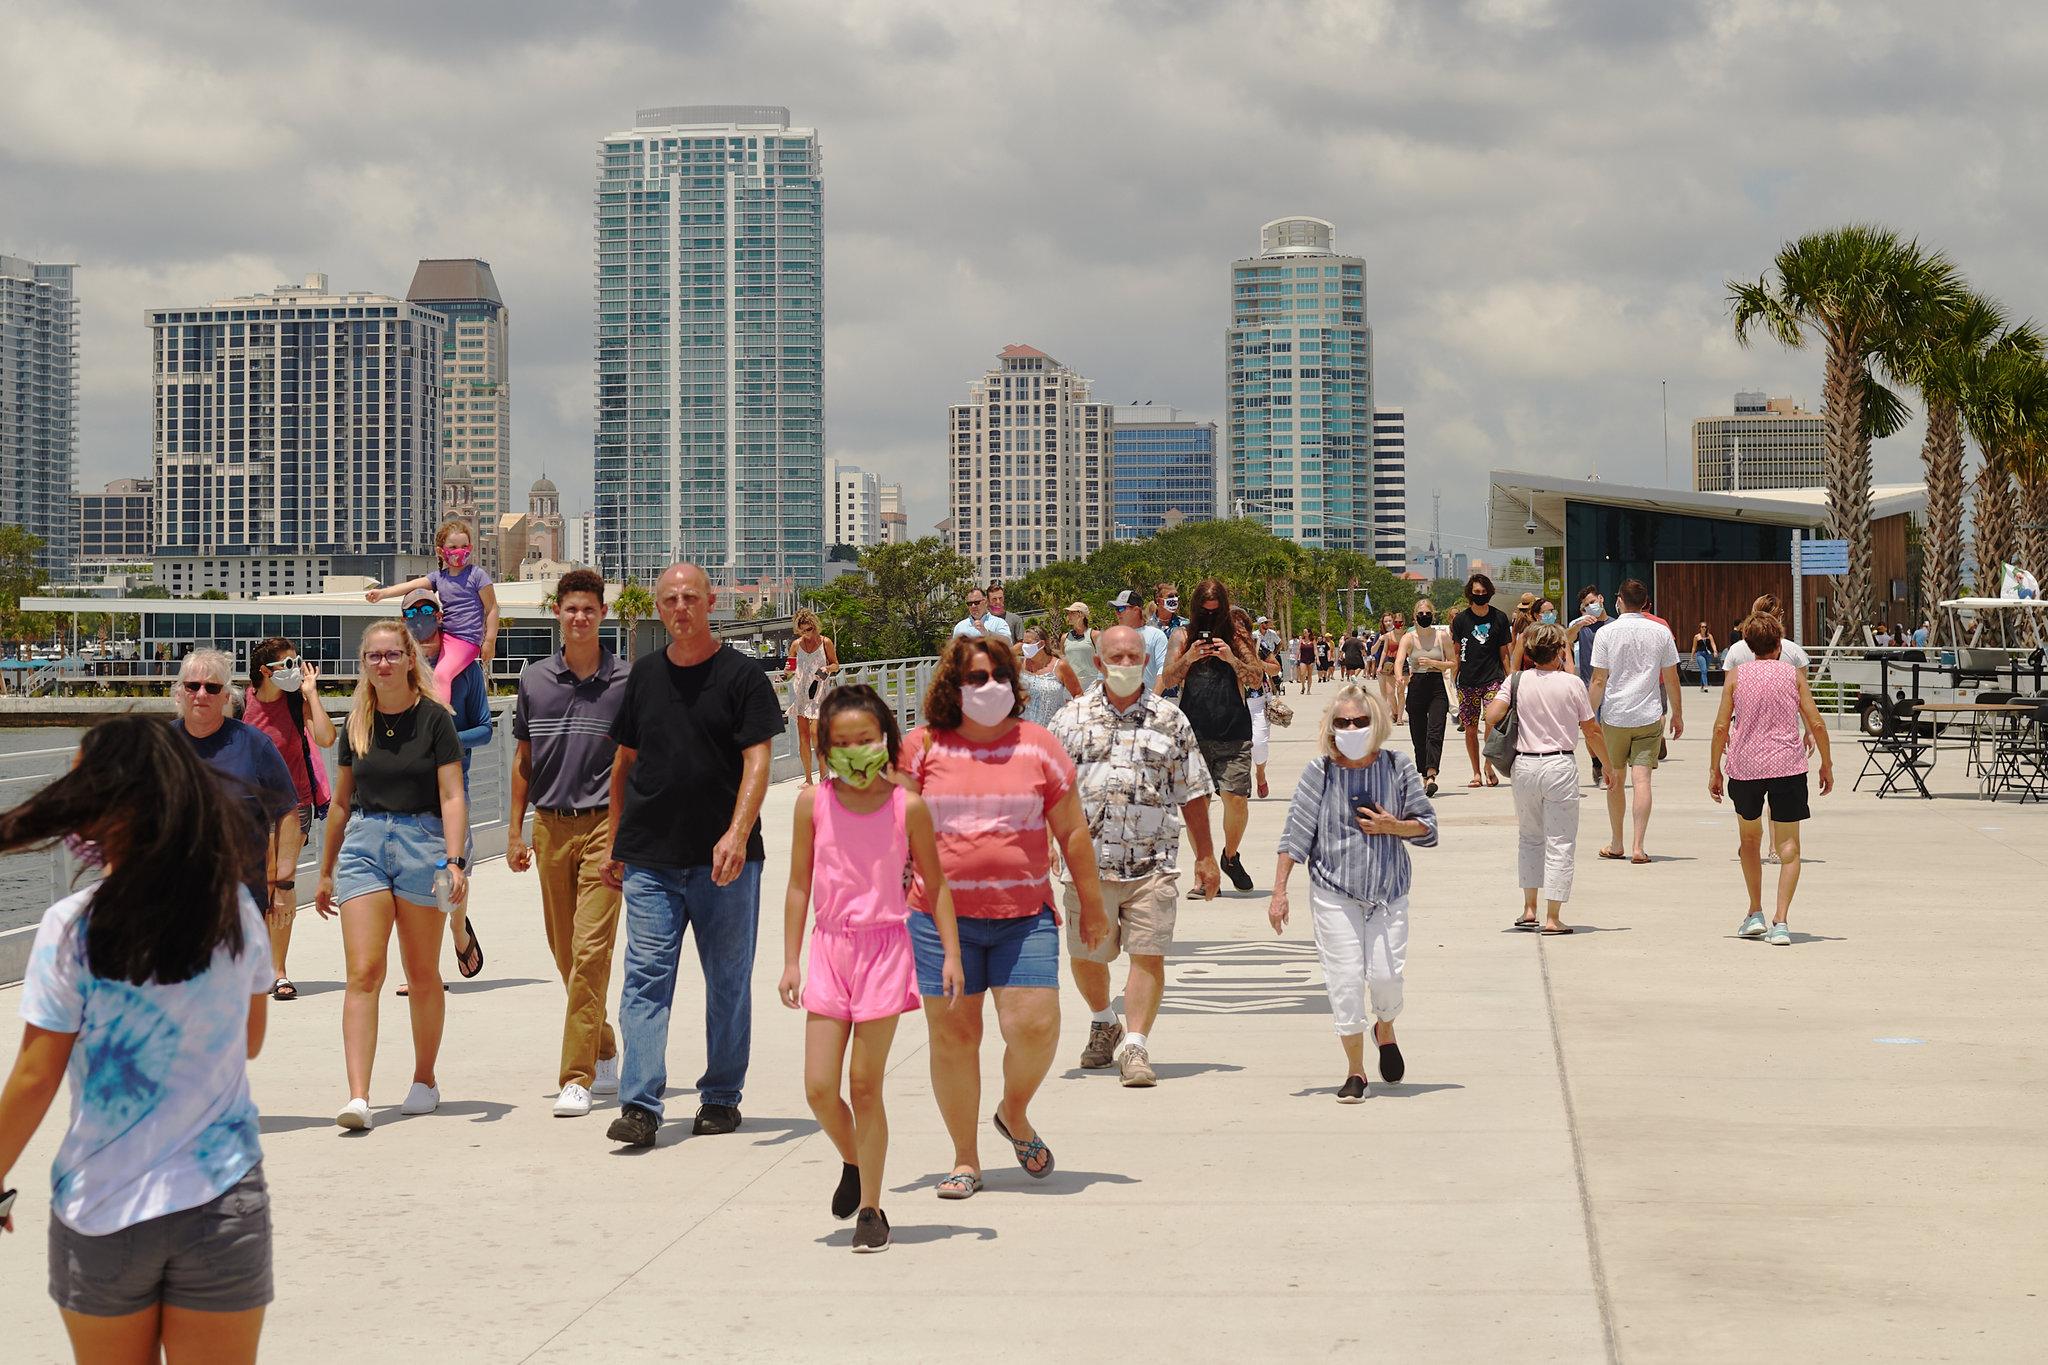 針對春季假期,佛州邁阿密市府表明採取零容忍措施,已經加強防疫限制,嚴陣以待。紐約時報圖片